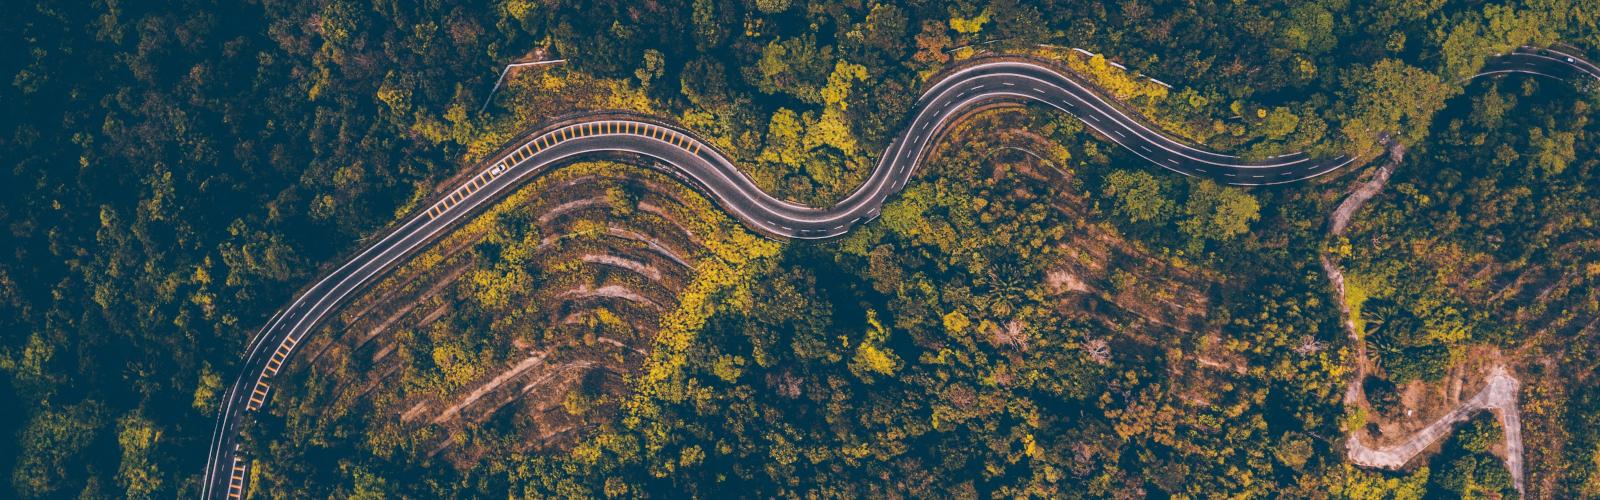 aerial-architecture-art-1064129_